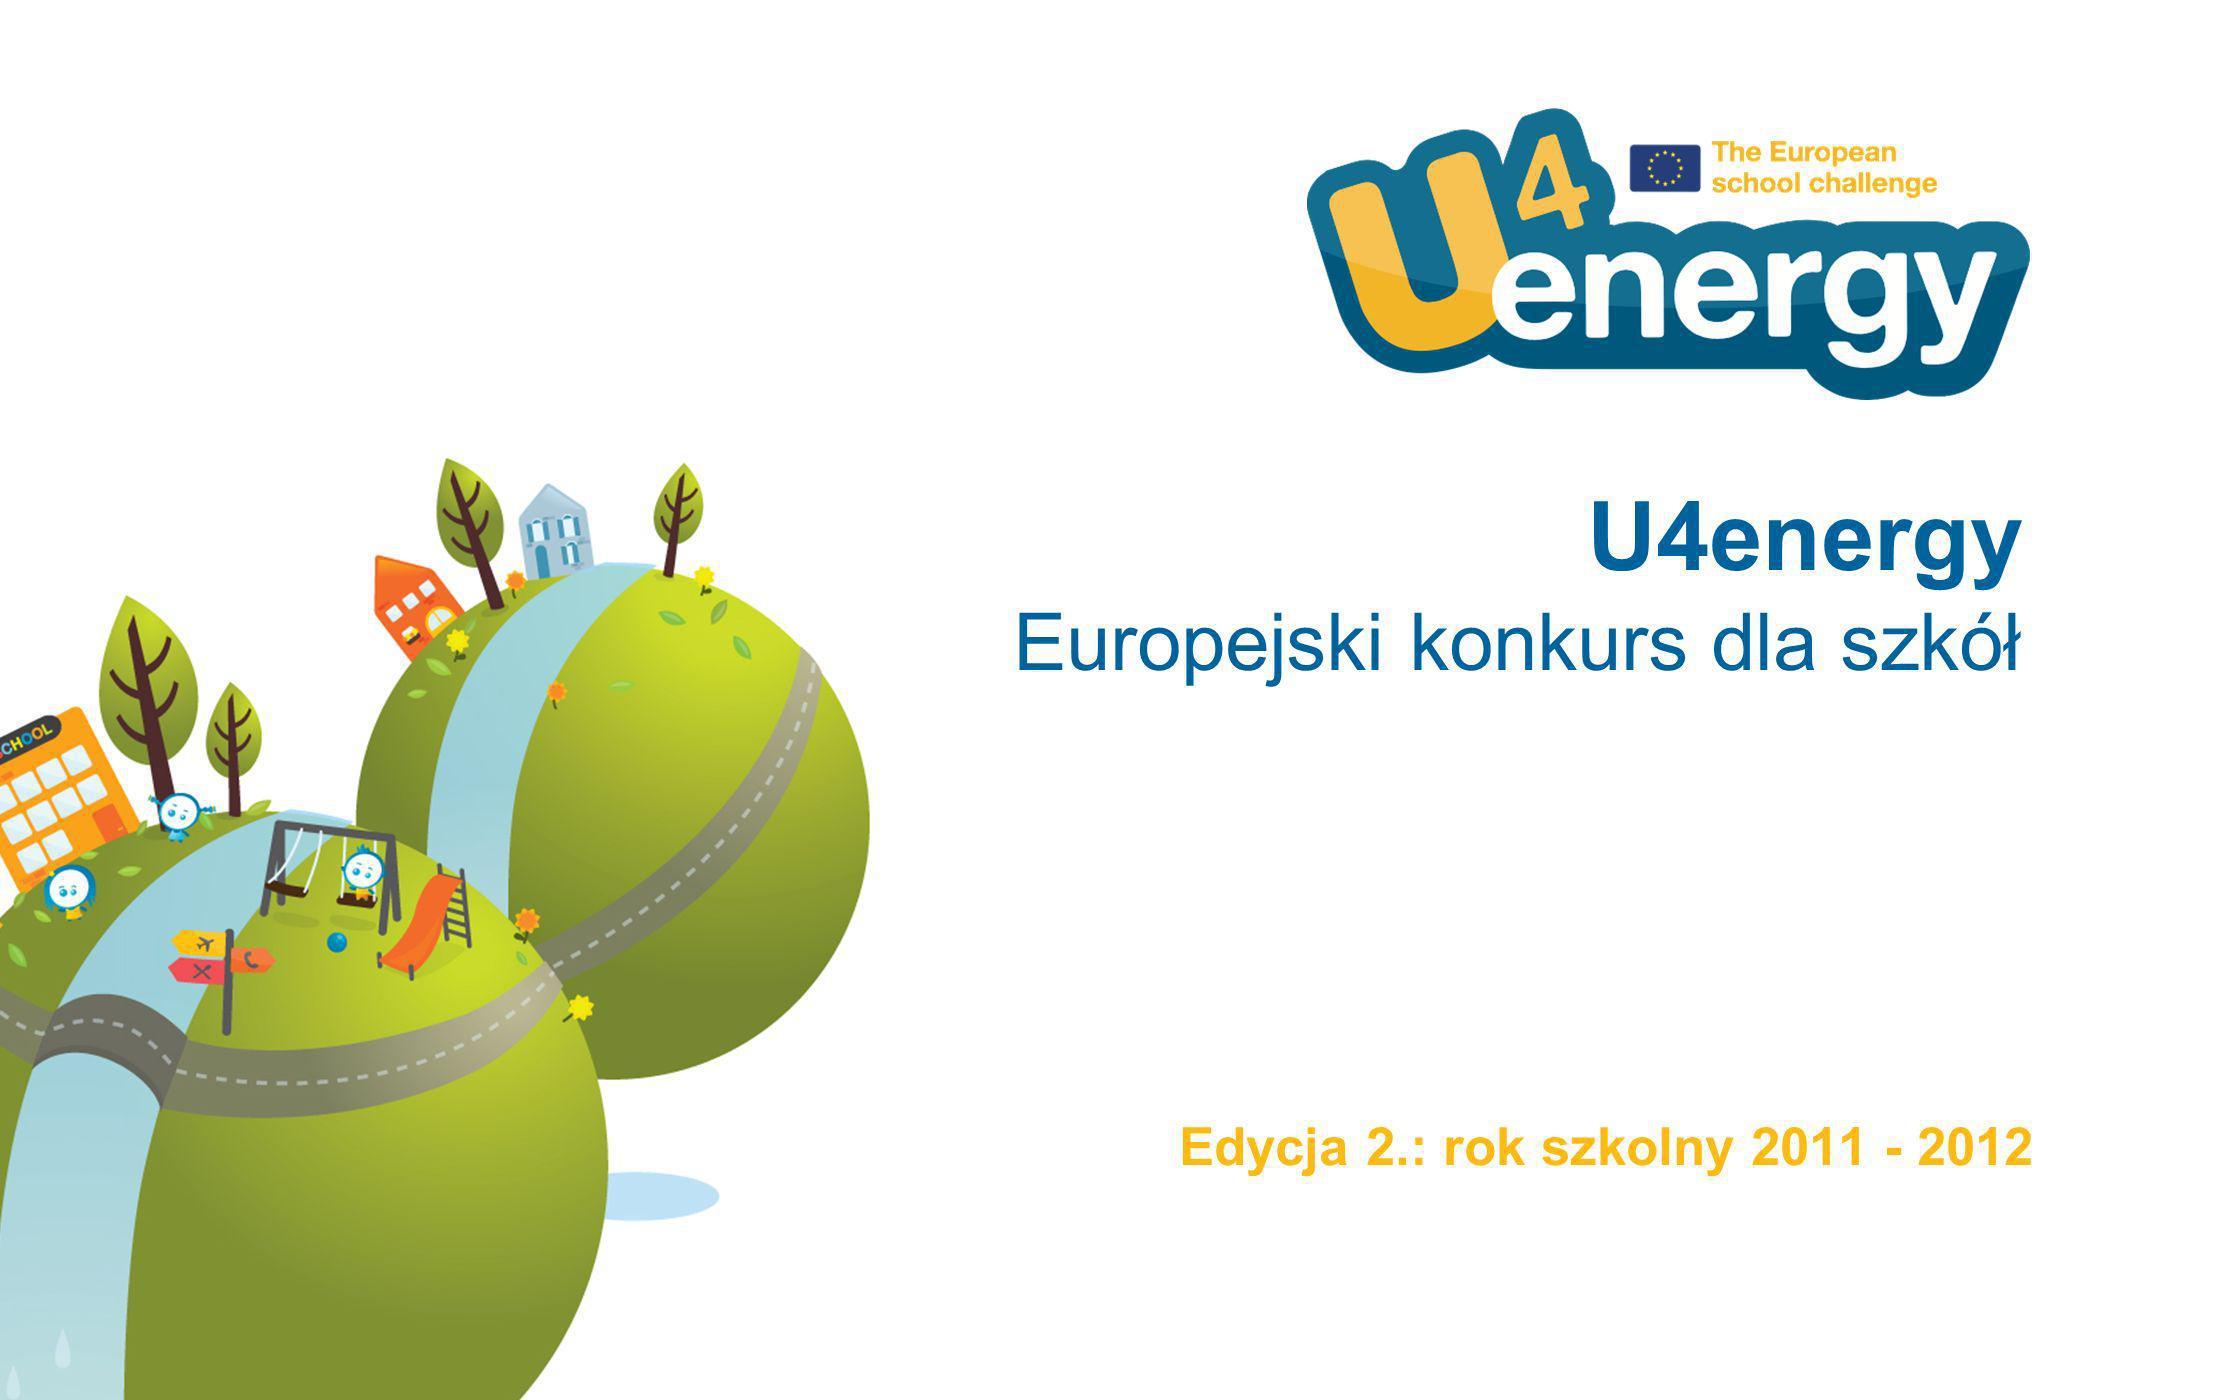 U4energy Europejski konkurs dla szkół Edycja 2.: rok szkolny 2011 - 2012